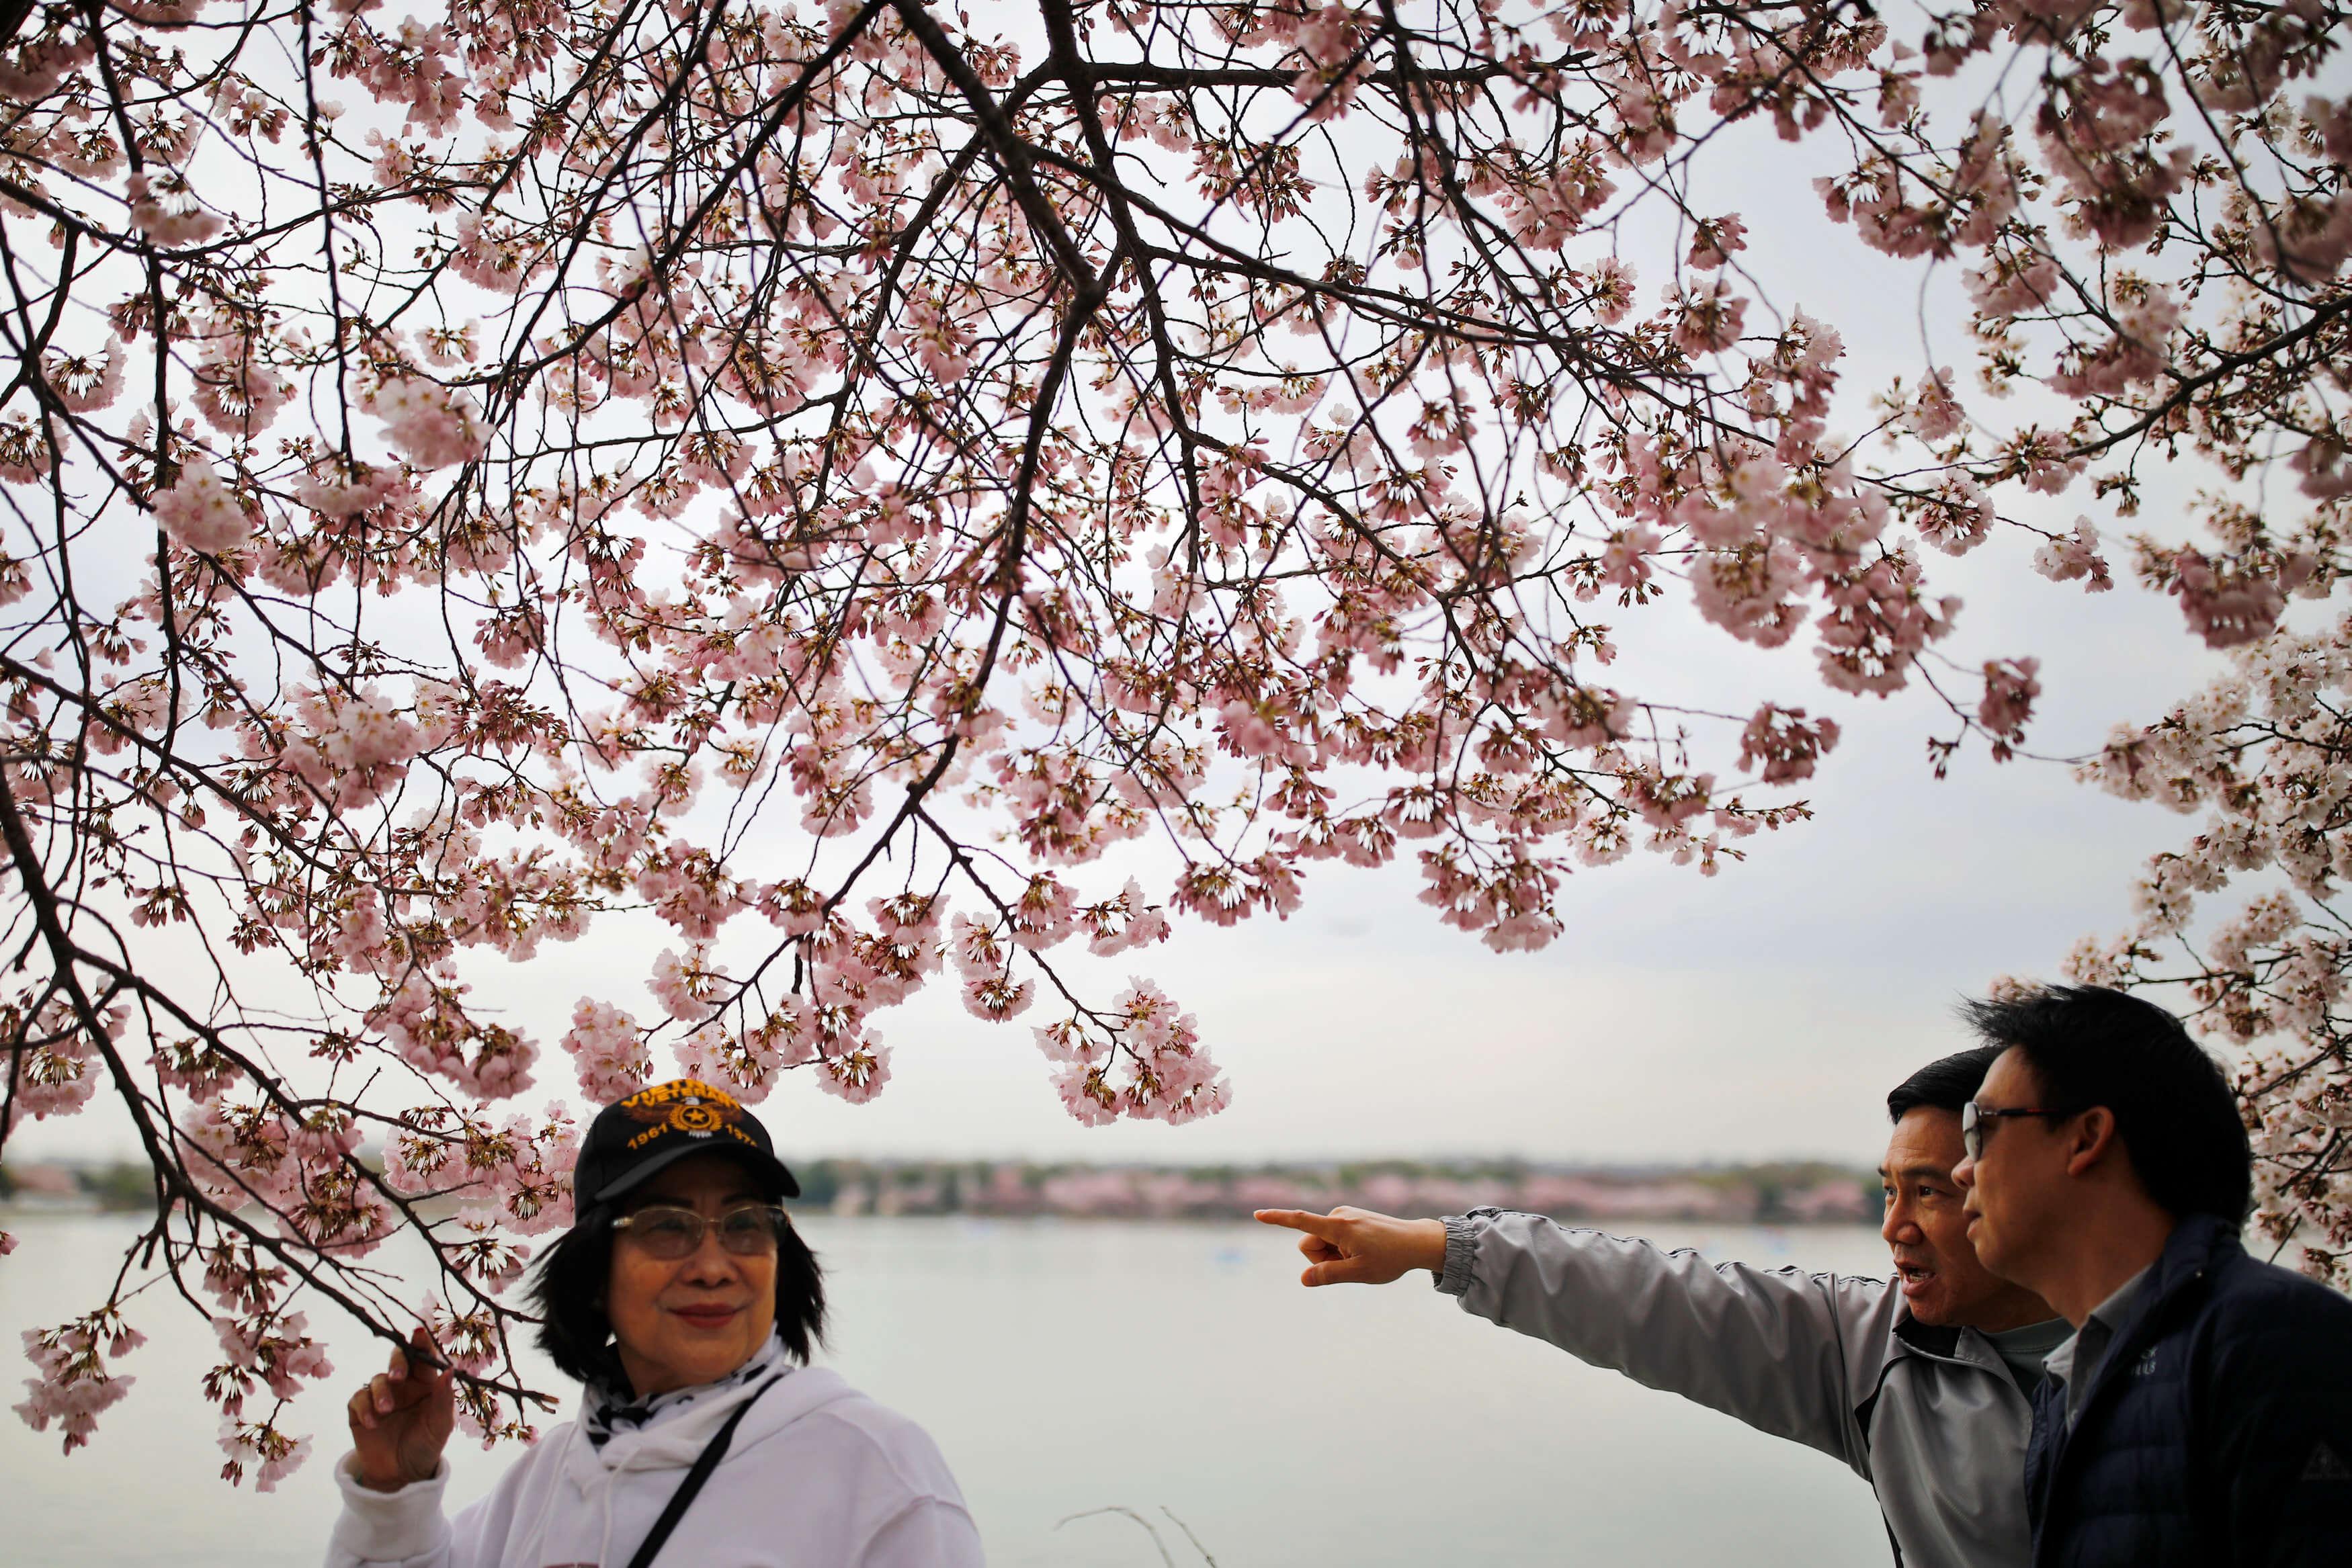 Παρθένοι ετών 40! Στην Ιαπωνία δεν…